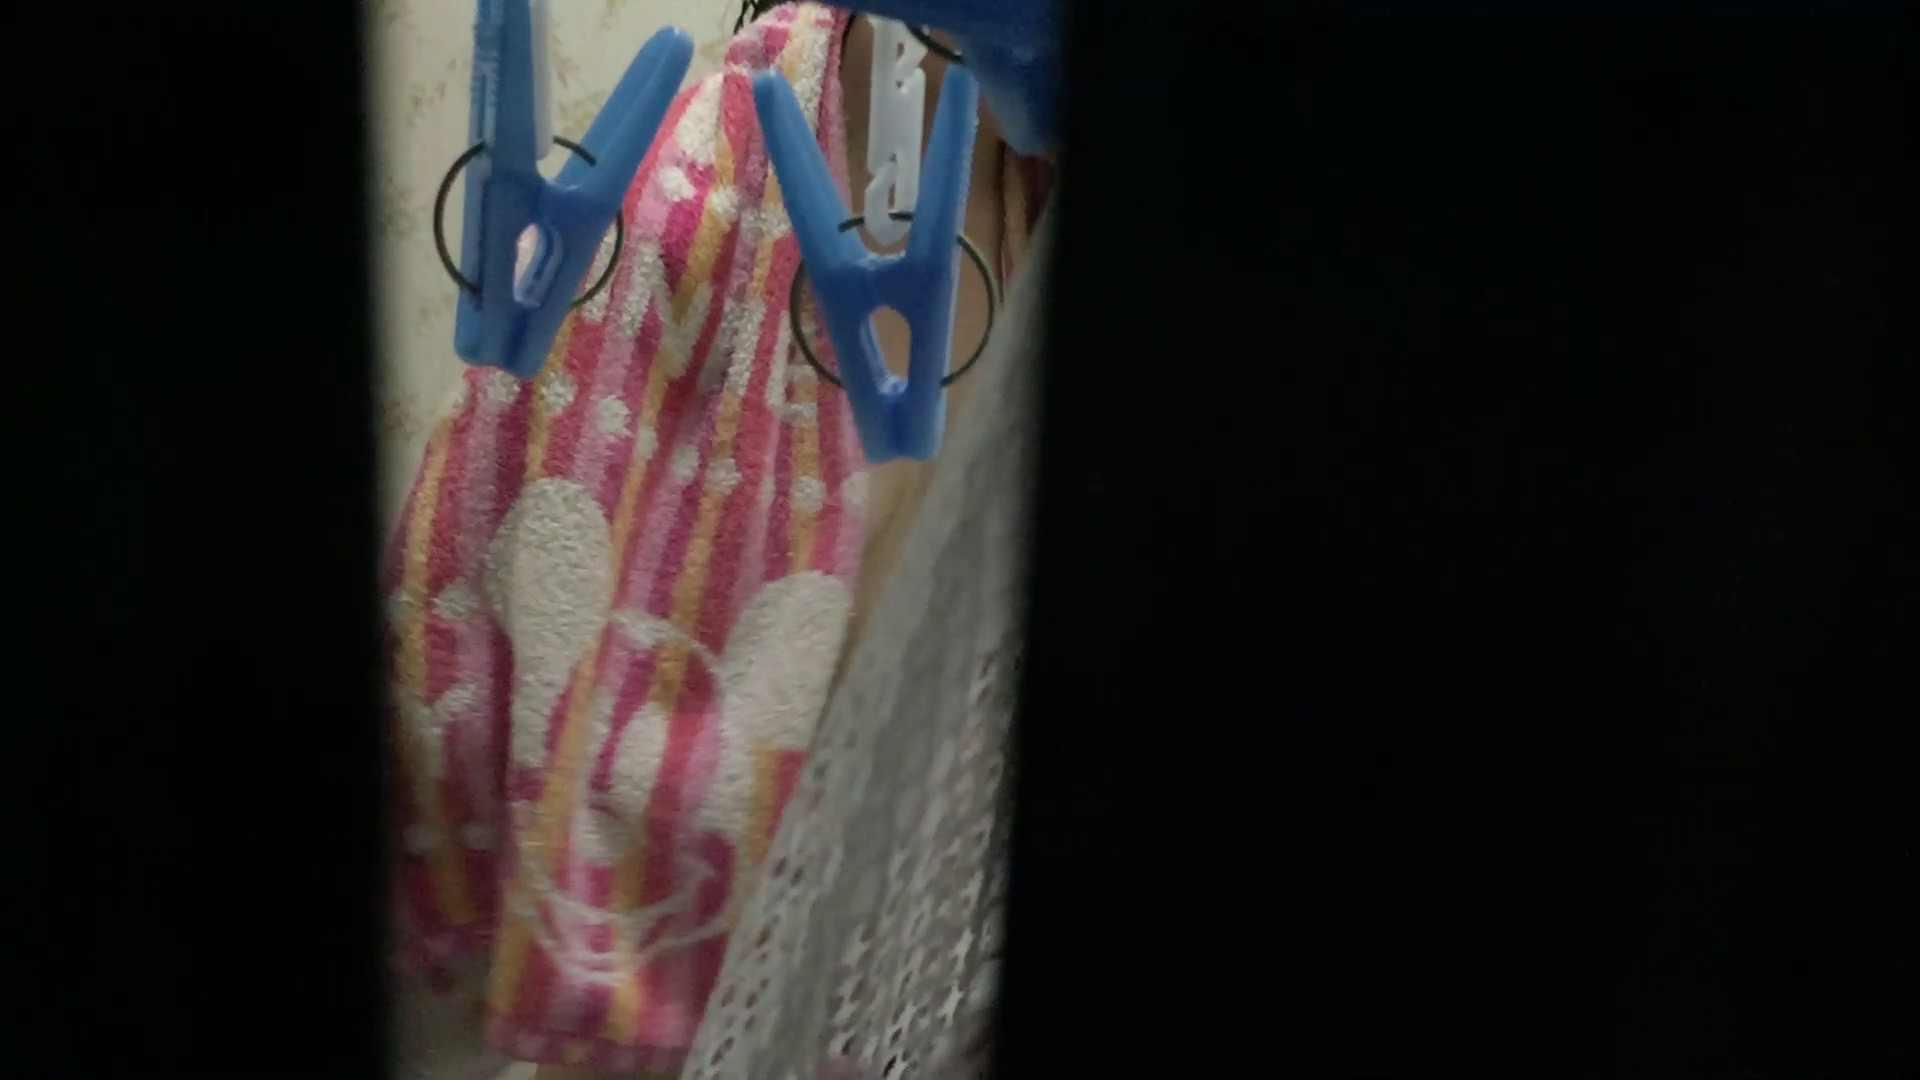 【19位 2016】リアルインパクト盗撮~入浴編 Vol.13 萌える注の入浴 高評価 オマンコ無修正動画無料 106枚 105